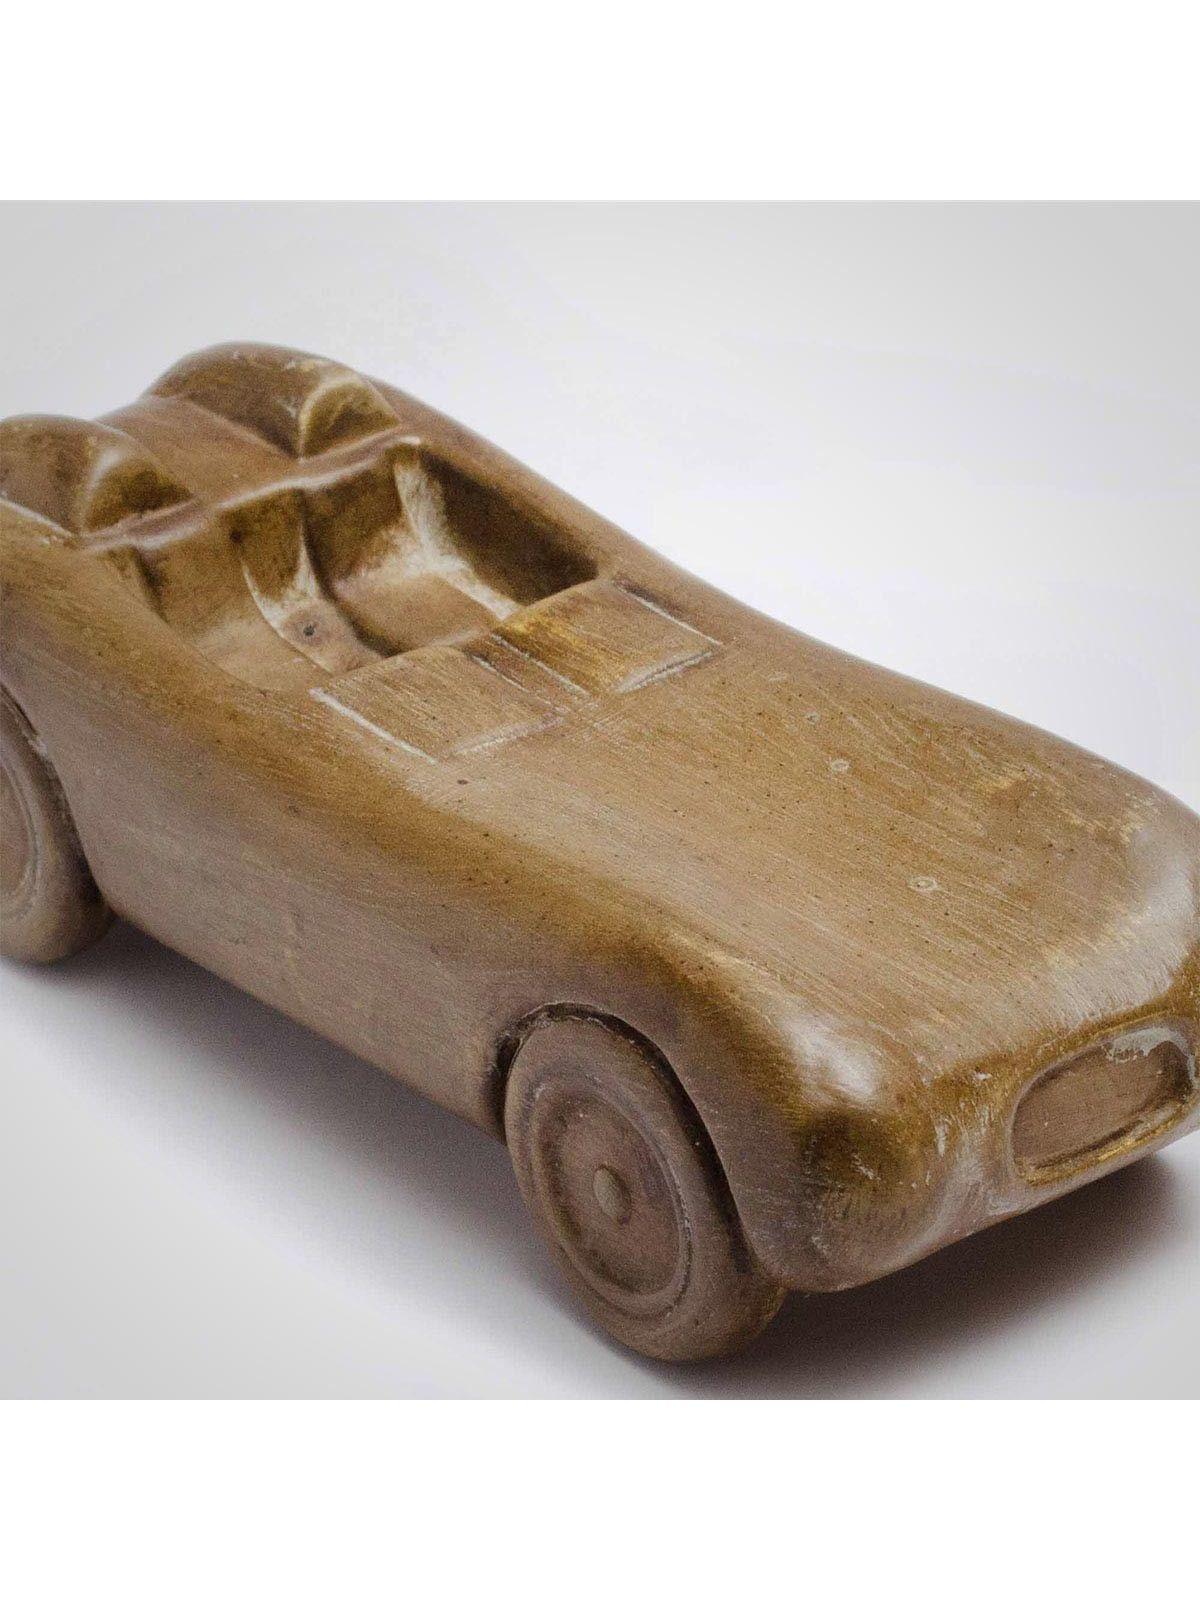 Brown Ceramic Car Model